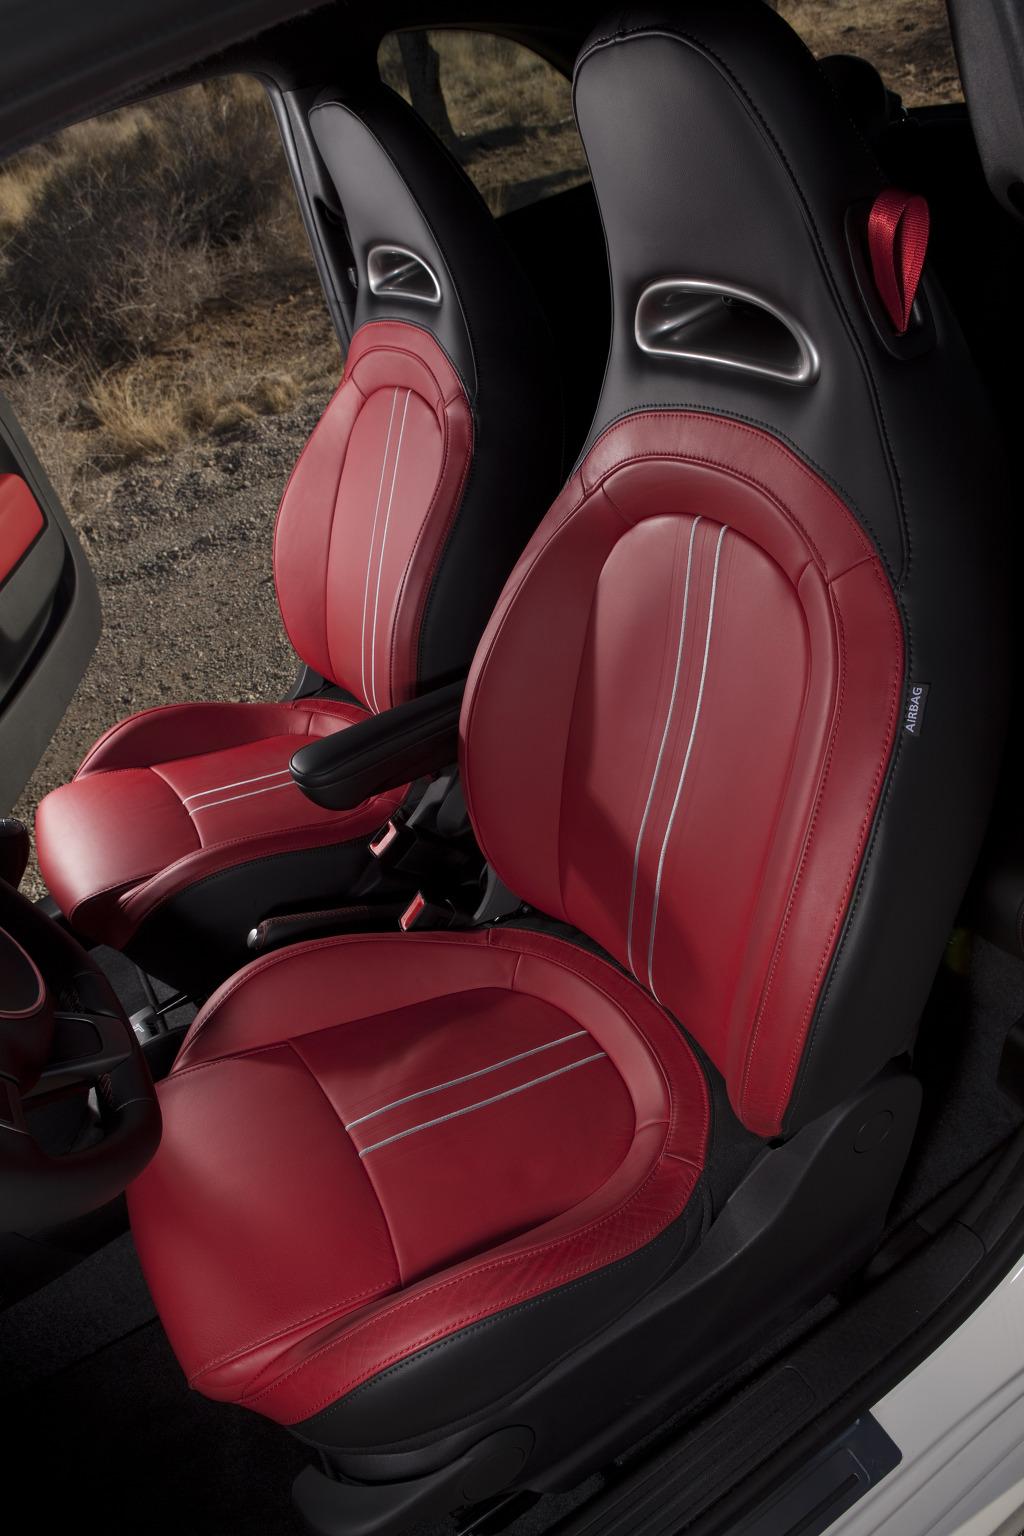 Fiat 500 seats.jpg